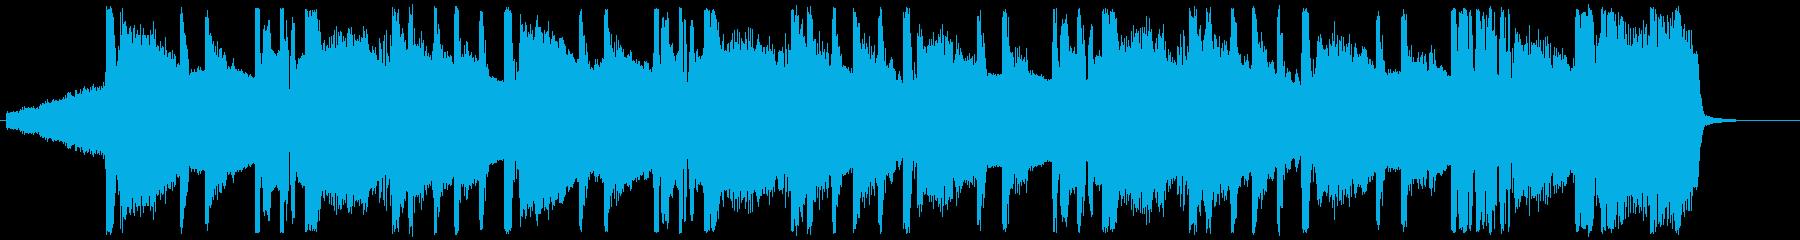 ヒップホップ/超重バス/トラップ#5の再生済みの波形